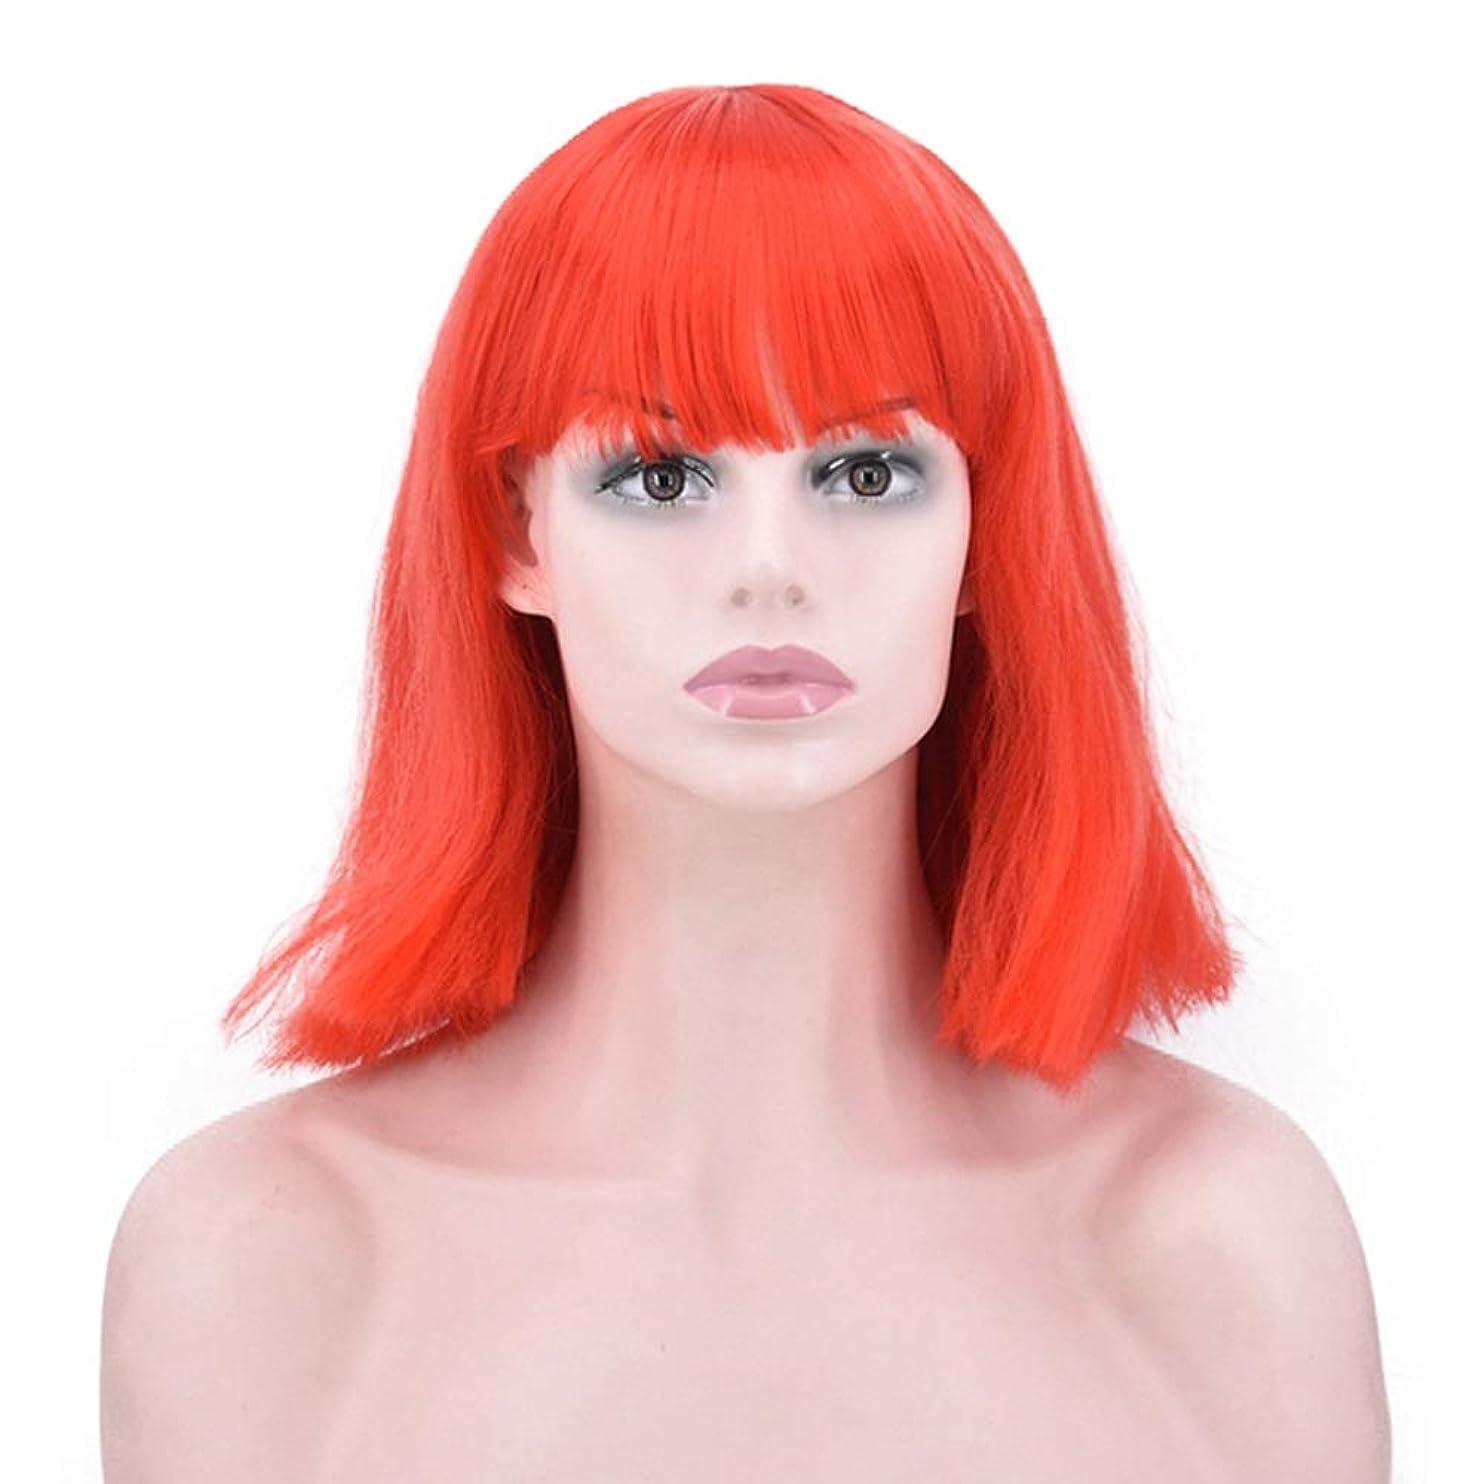 マスタード人工怒るウィッグ - レディースショートストレート高温シルクウィッグファッションバングパーティーロールハロウィーン35cmオレンジ (色 : Orange, サイズ さいず : 35cm)